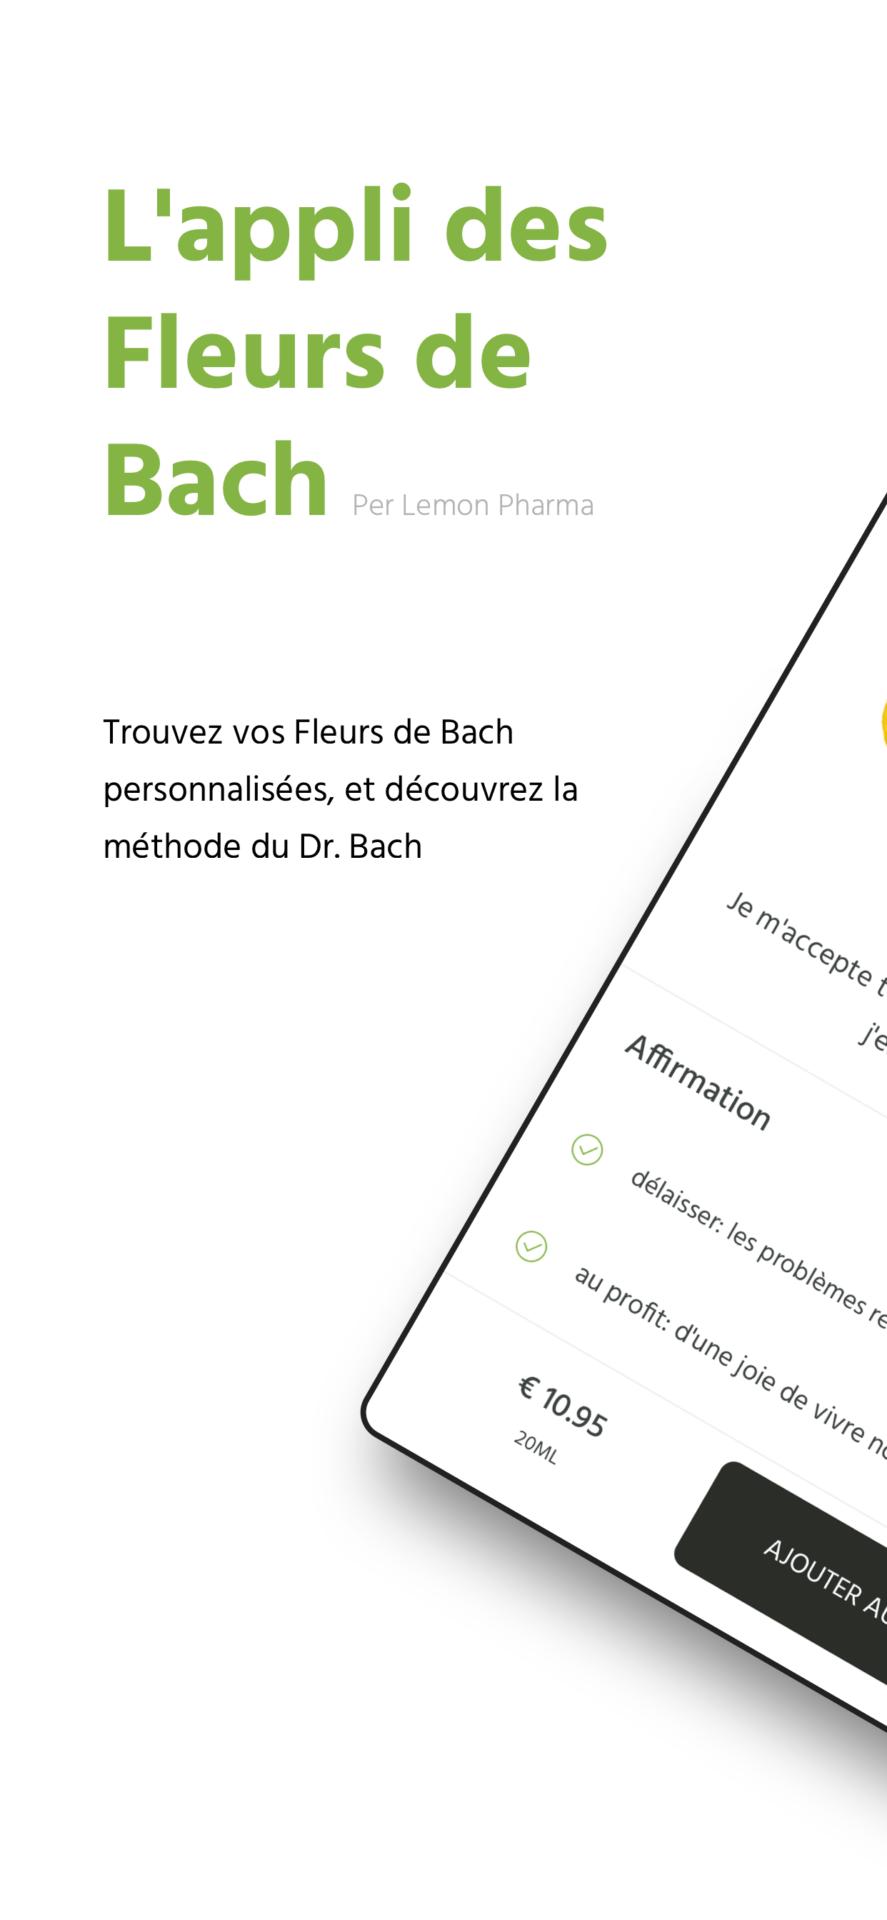 L'appli Fleurs de Bach Lemon Pharma